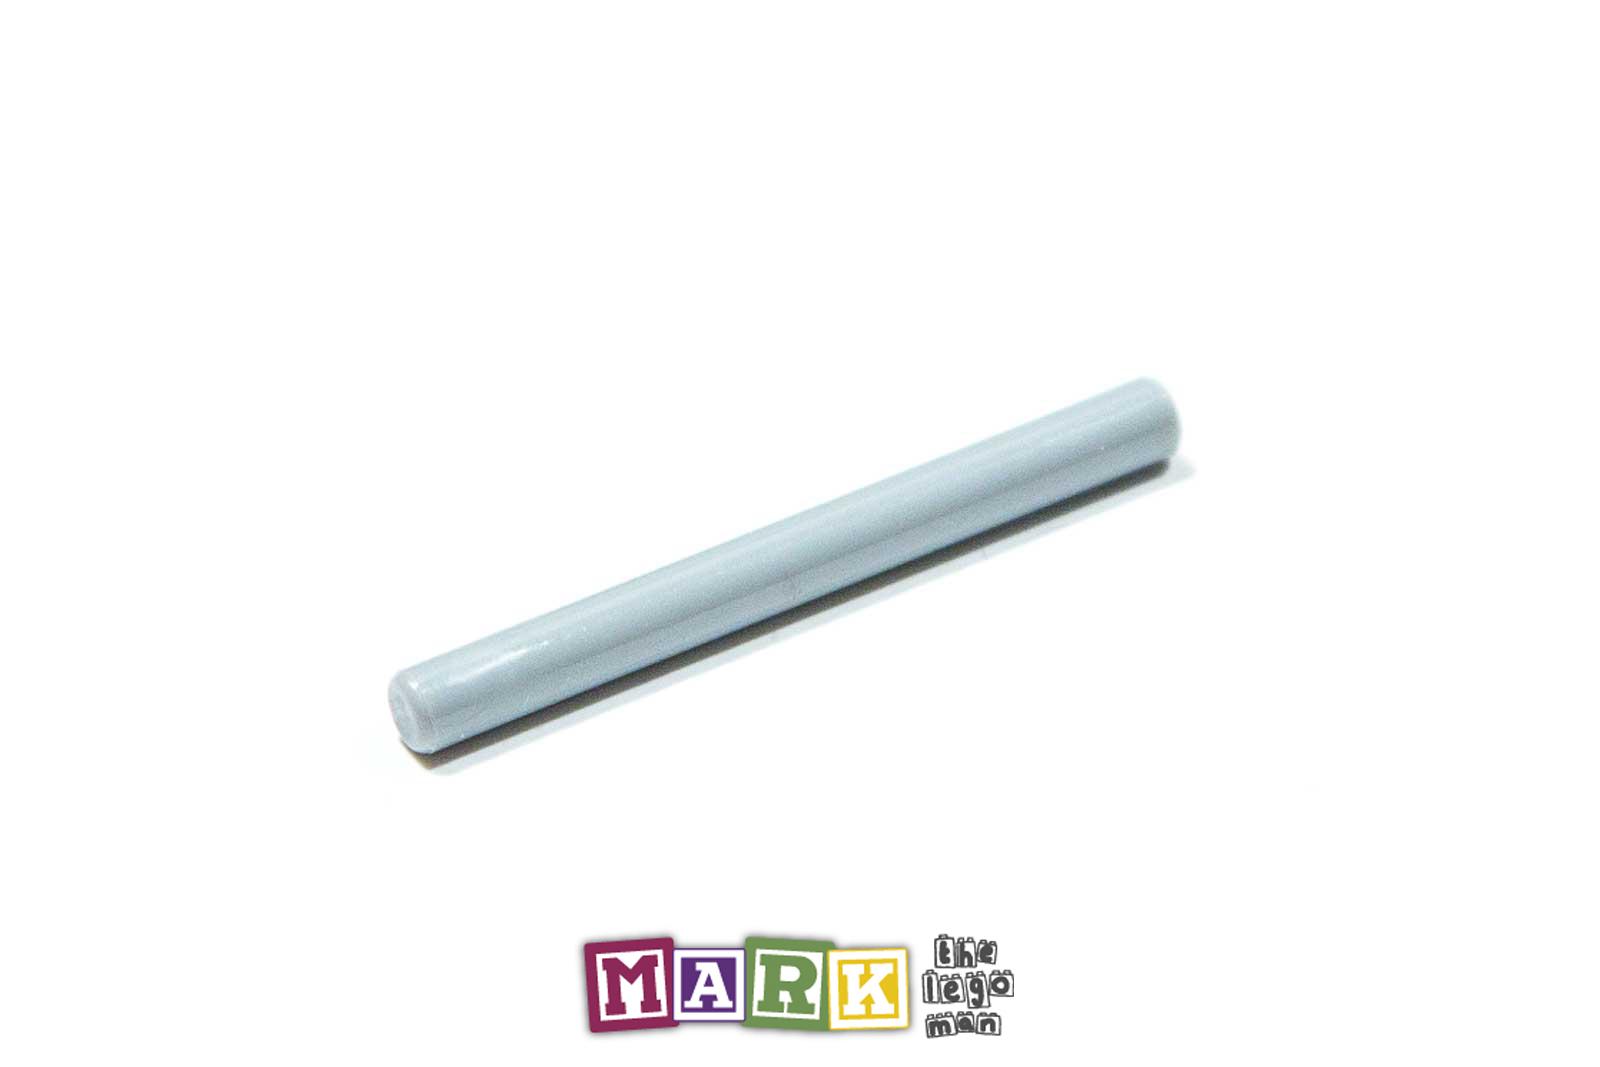 New Lego 21462 Light Sword Blade 6116608